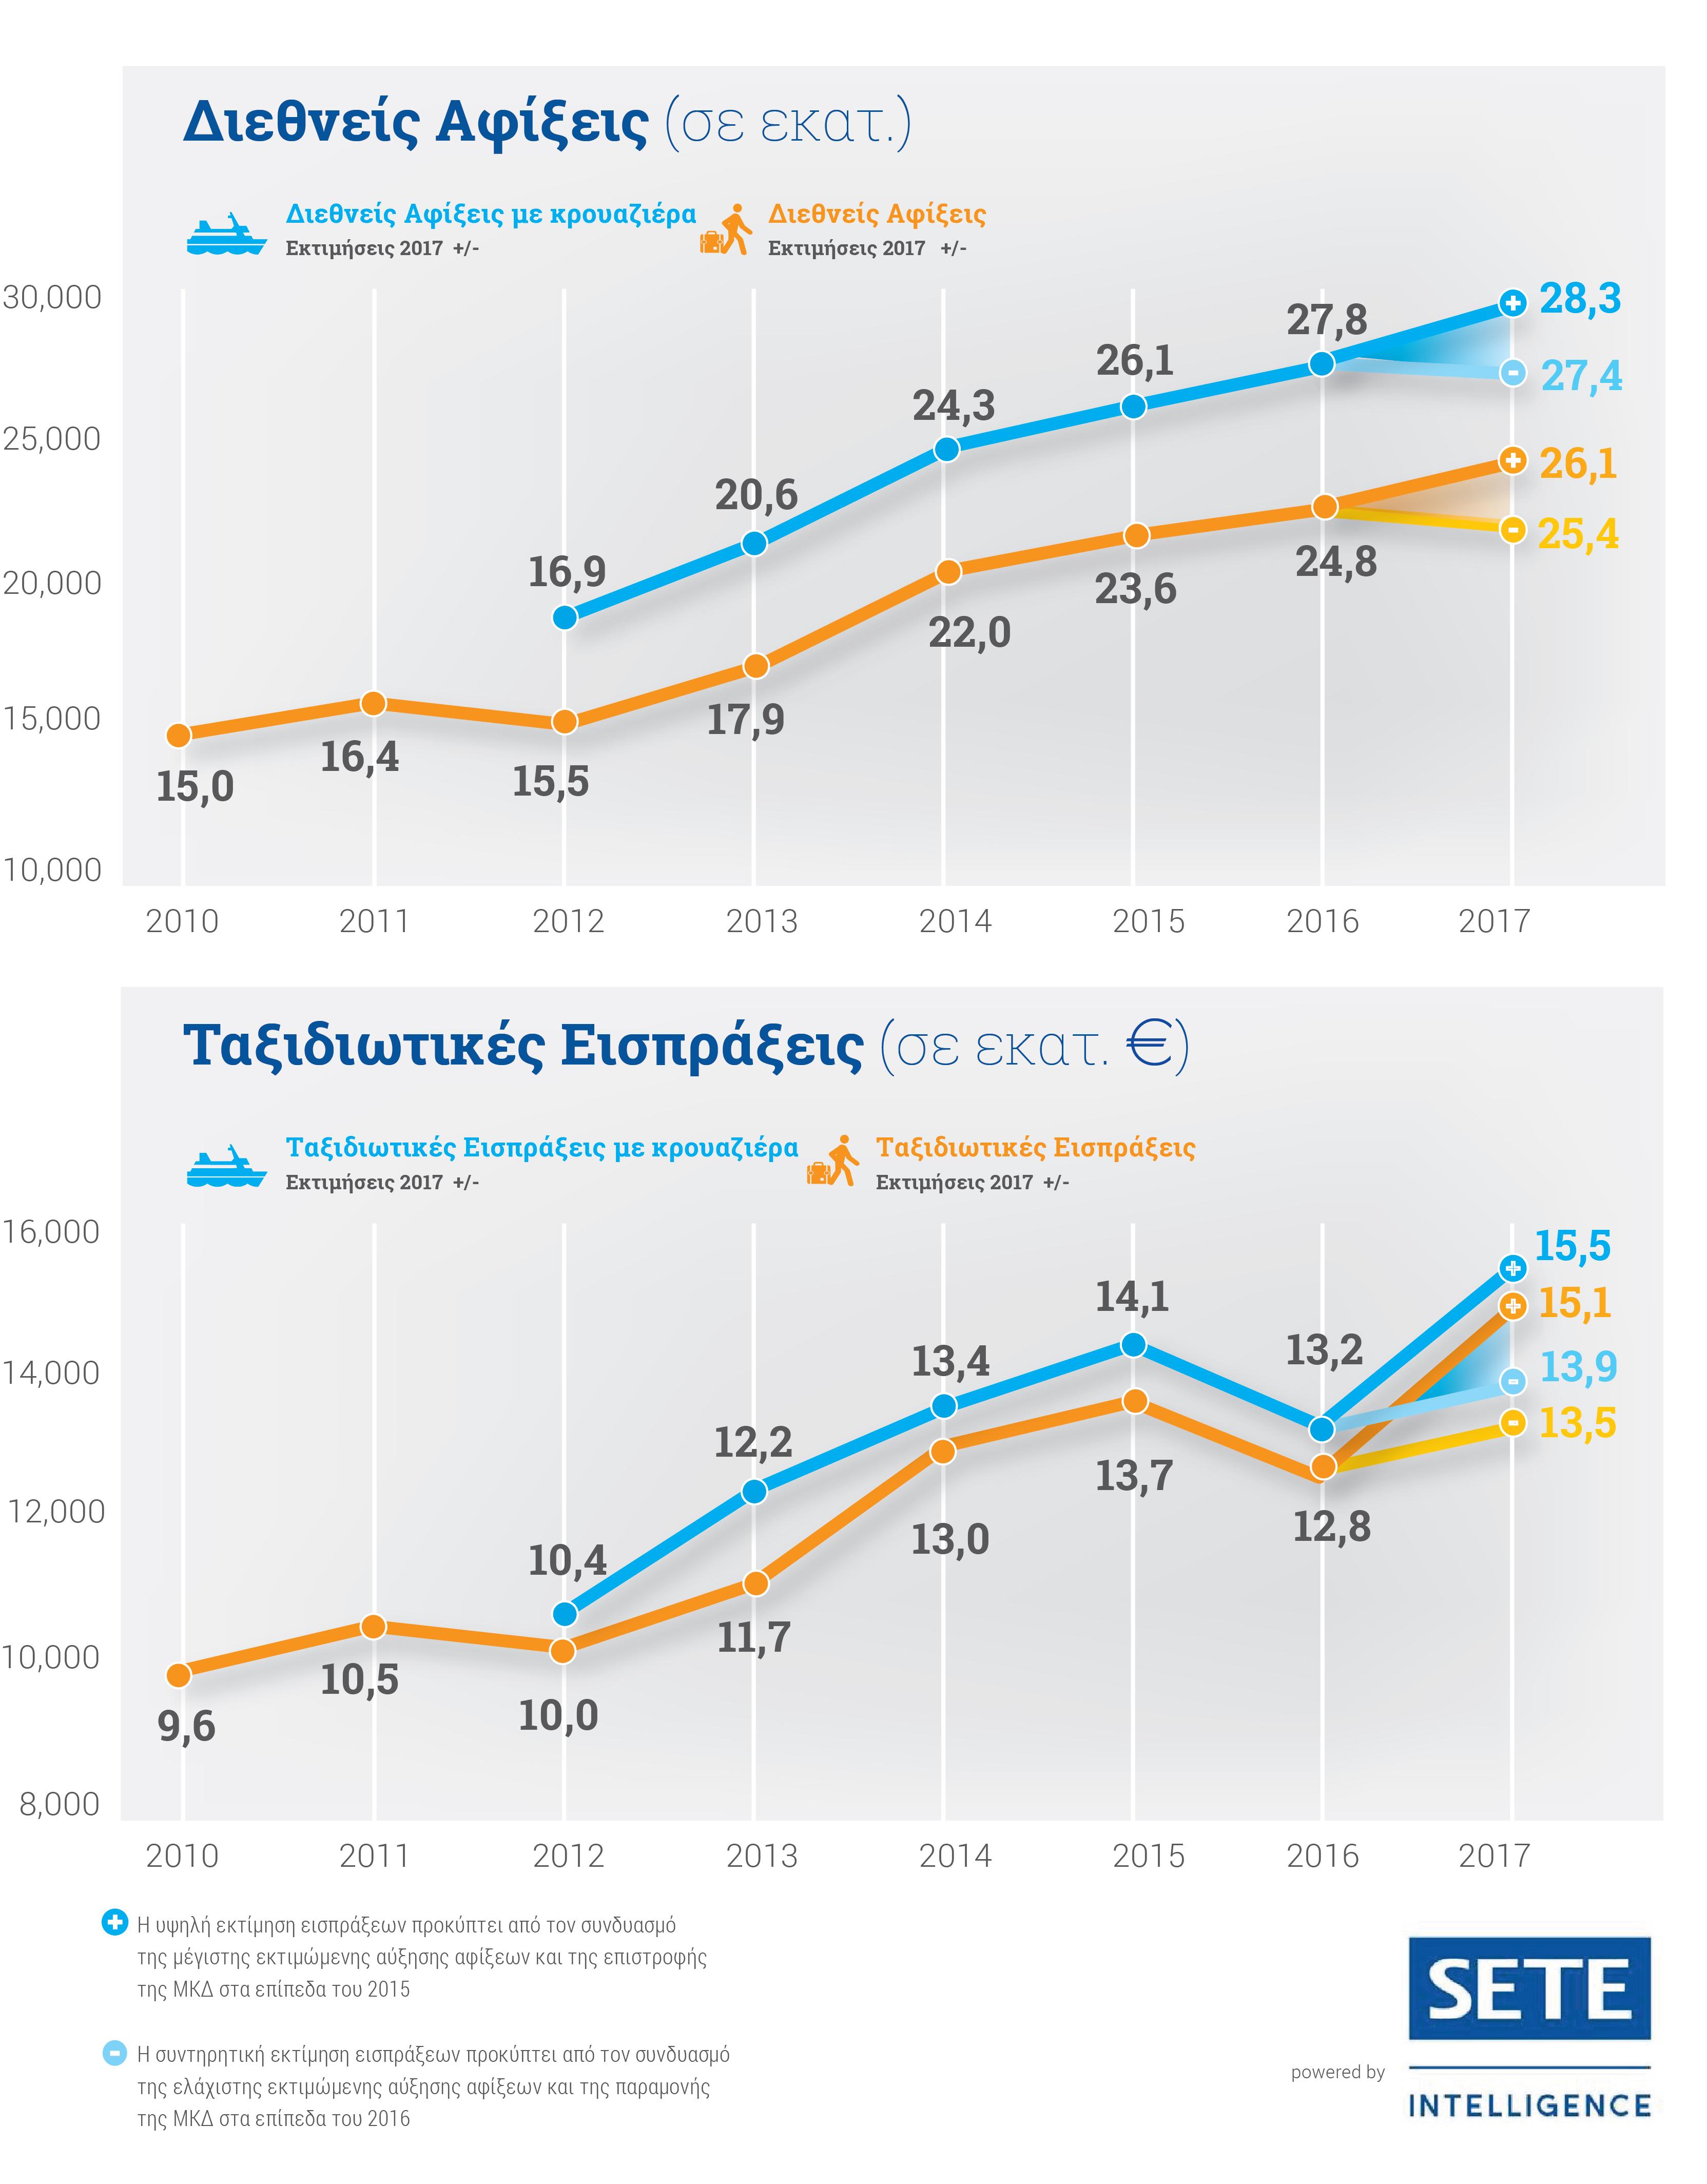 ΣΕΤΕ – ΙΤΒ: 28 εκατ. συνολικές αφίξεις και έως 14,5 δισ. ευρώ έσοδα, η πρόβλεψη για το 2017